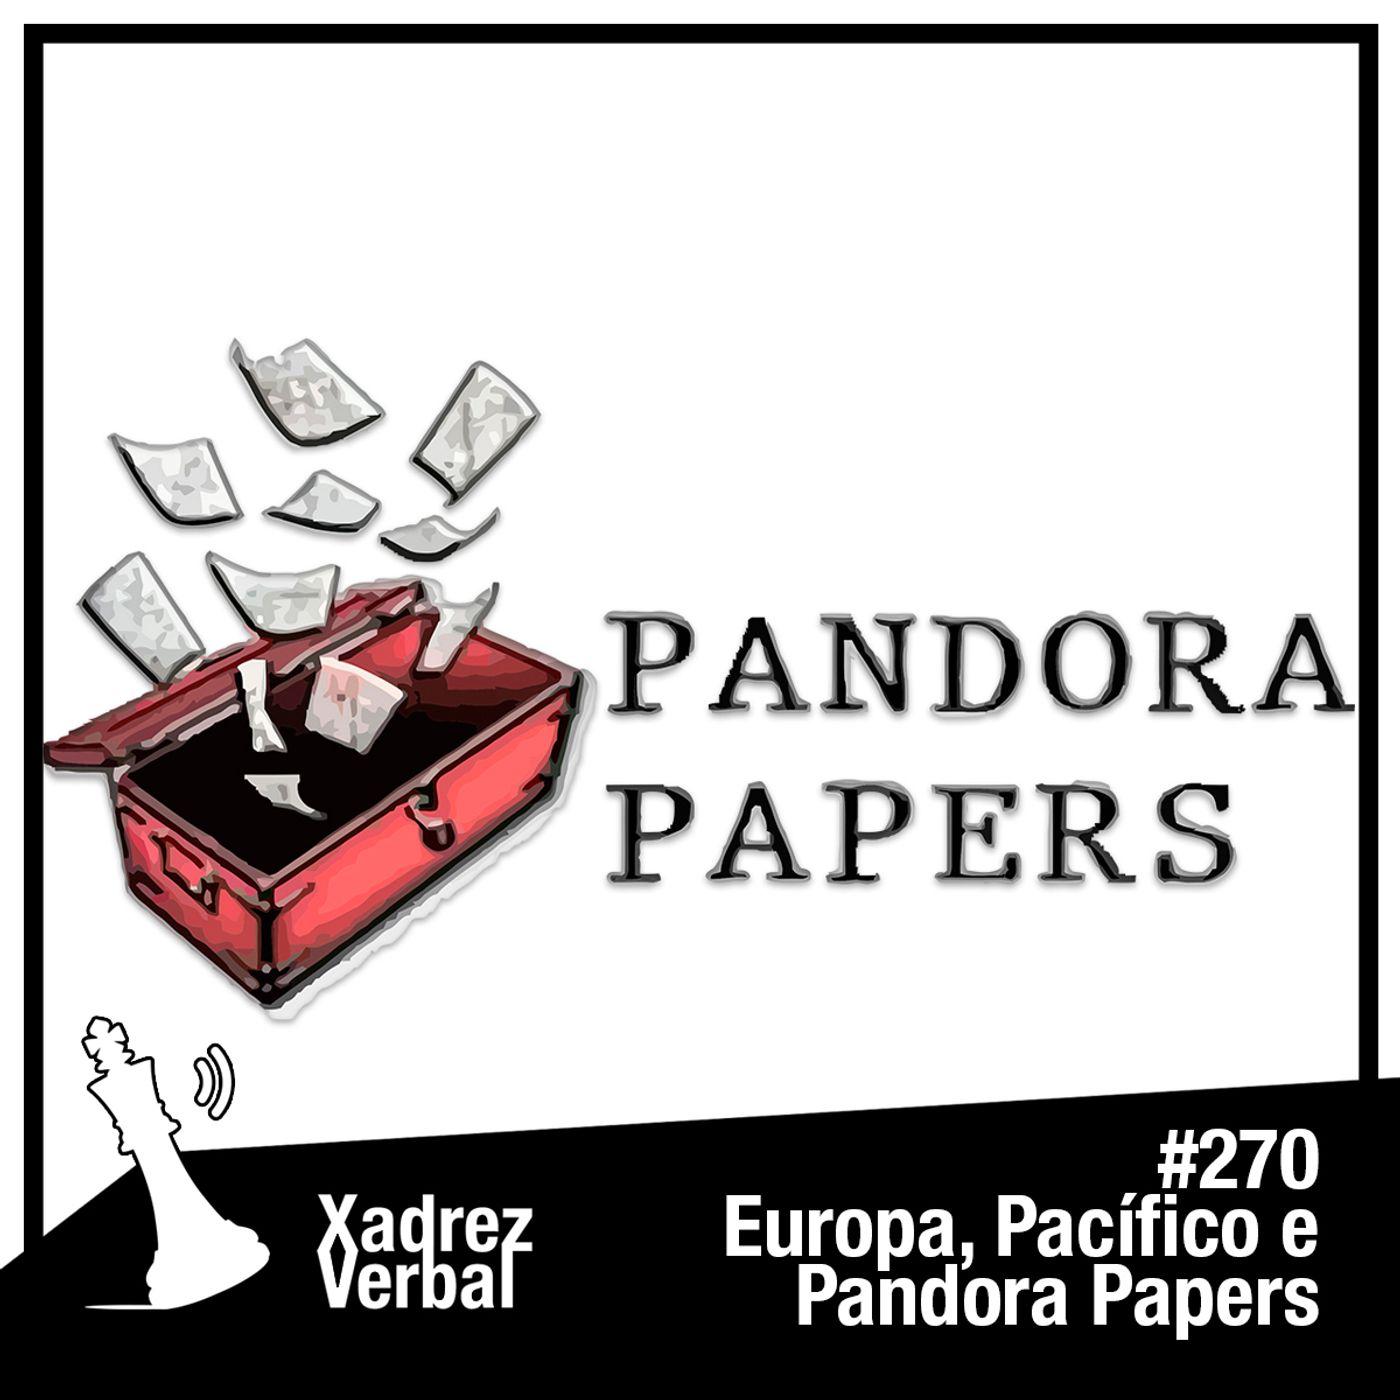 Xadrez Verbal #270 Pandora Papers